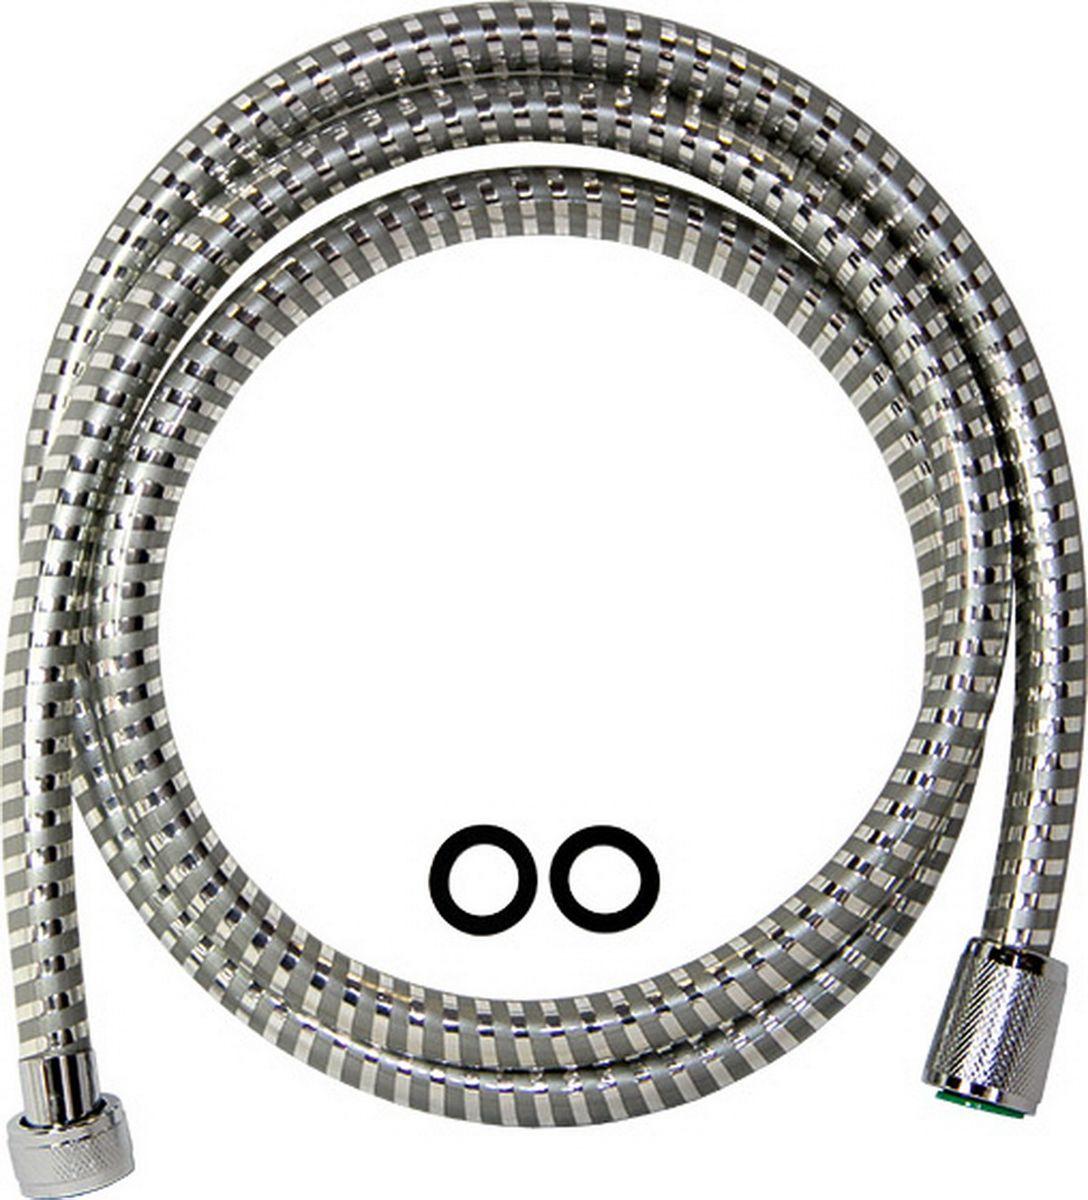 Шланг для душа Argo Еspiroflex, цвет: серый, 165 см34549Универсальный гибкий шланг для душа Argo Еspiroflex с внешней оболочкой из нержавеющей стали, сочетает в себе отличные эксплуатационные характеристики и приятный дизайн. Прочный и надежный шланг эргономичен и прост в монтаже, удобен в использовании. Длина: 165 см. Выходы шлага: 1/2. Тип фитинга: гайка – конус. Тип соединения оплетки: двойной замок.